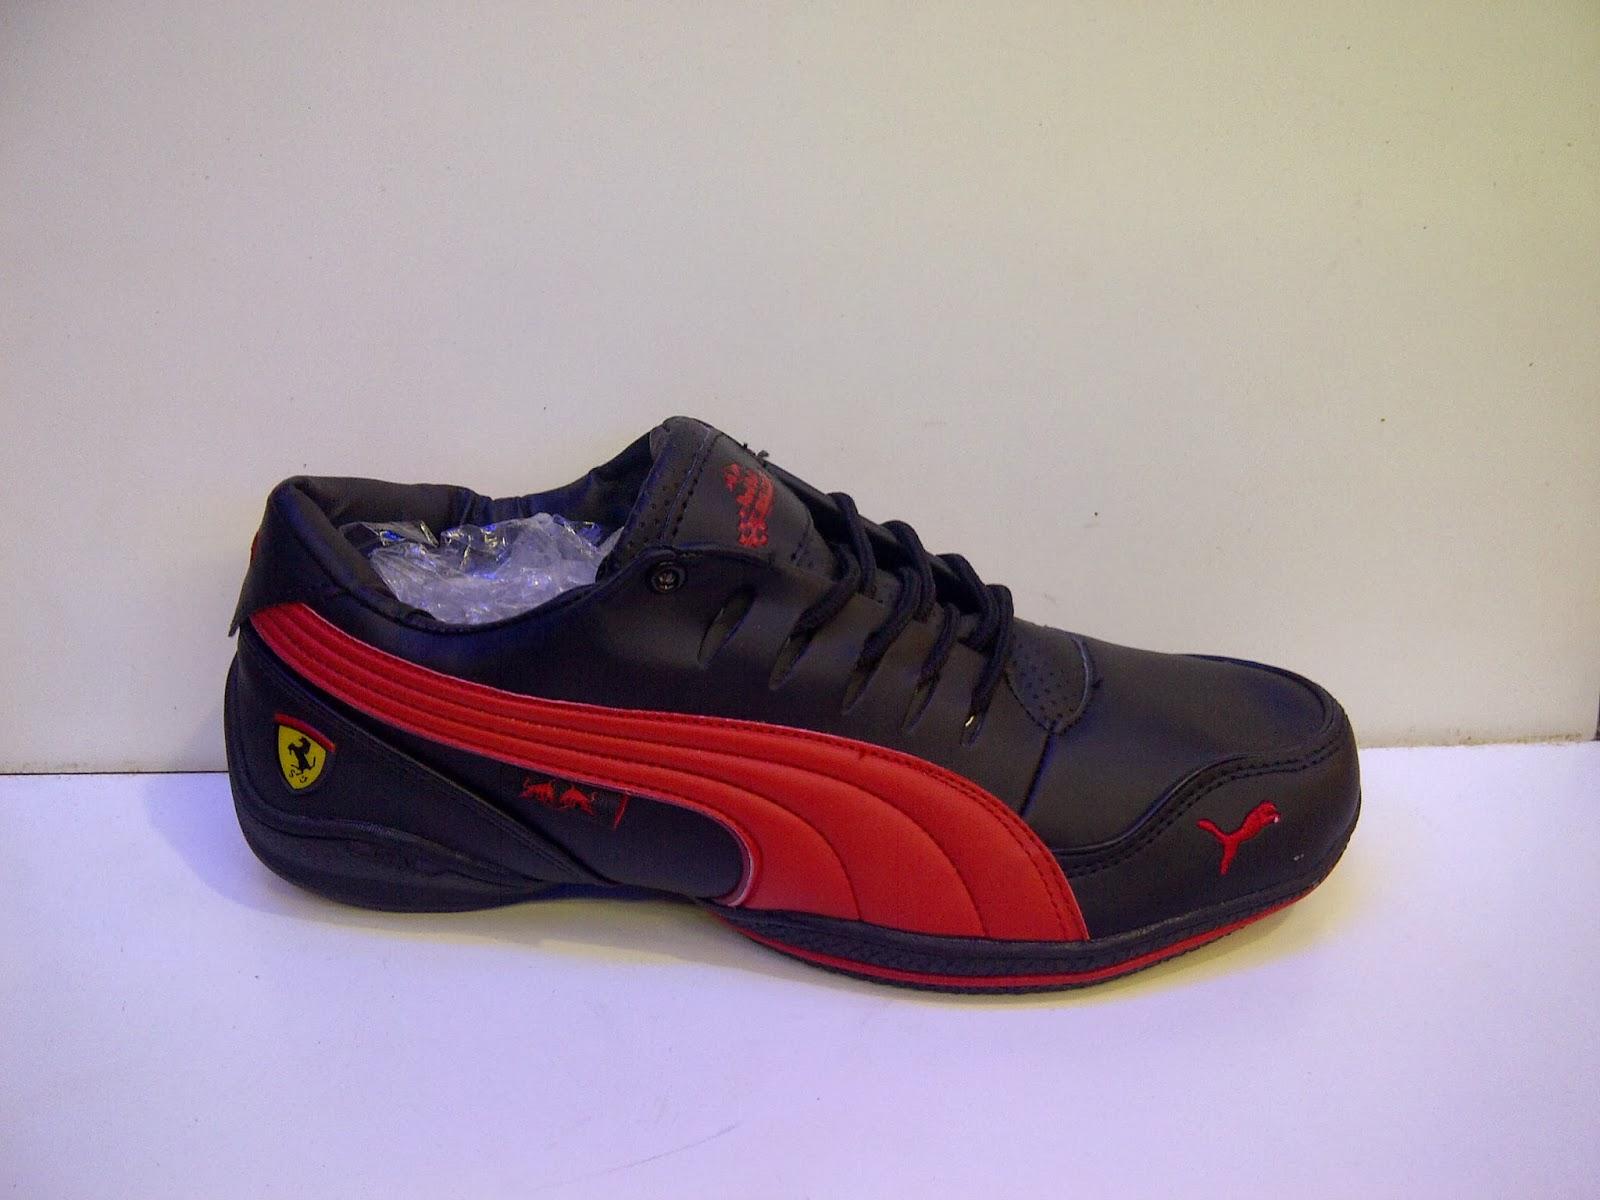 toko sepatu puma, puma ferrari hitam, jual puma, sepatu hitam, sepatu biru